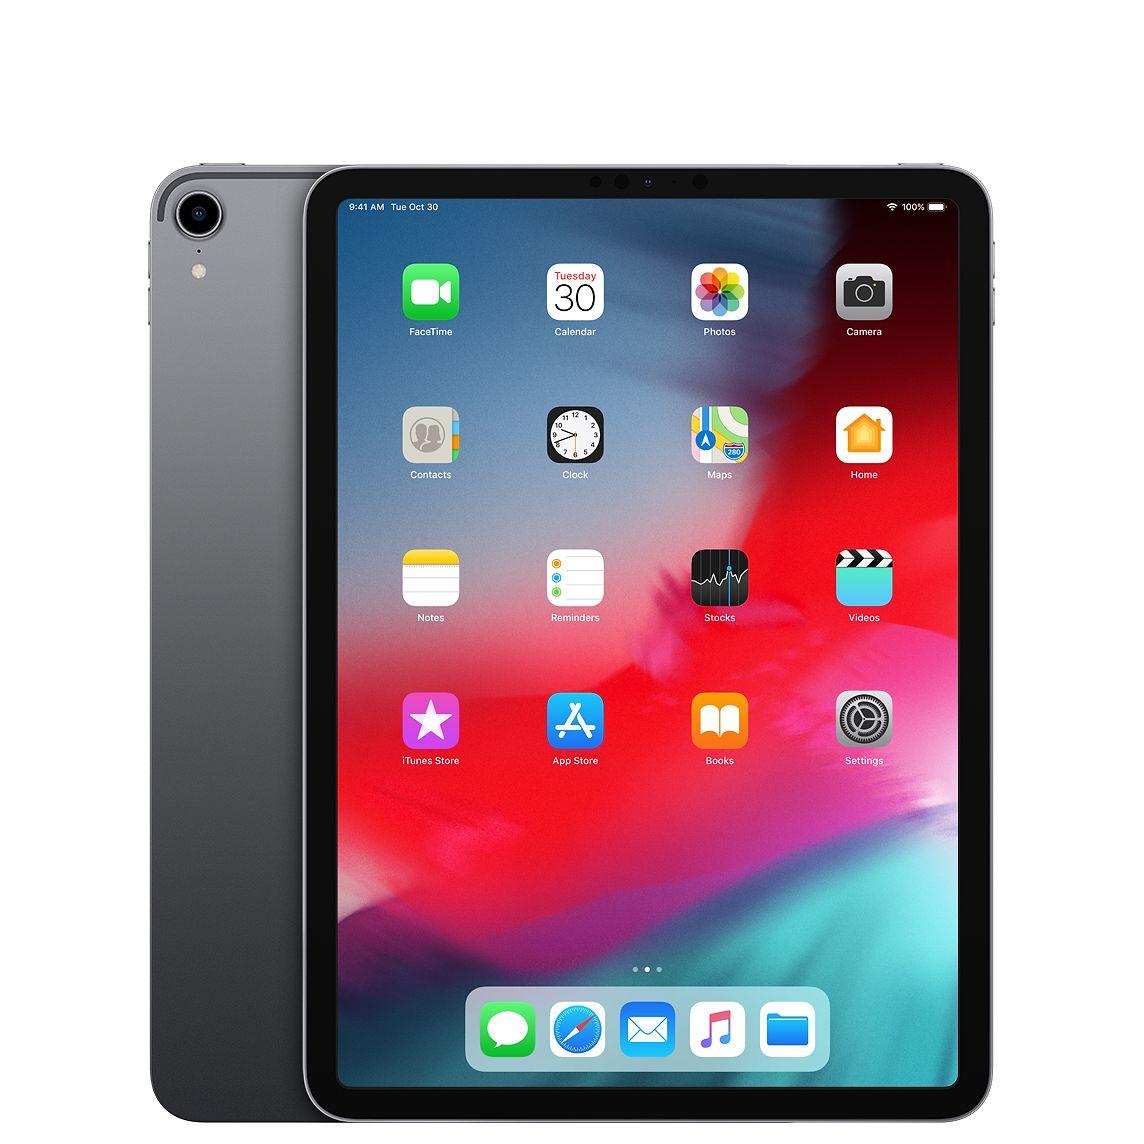 Apple iPad Pro 11 2018 64GB - £649.00 (Refurb from Apple)